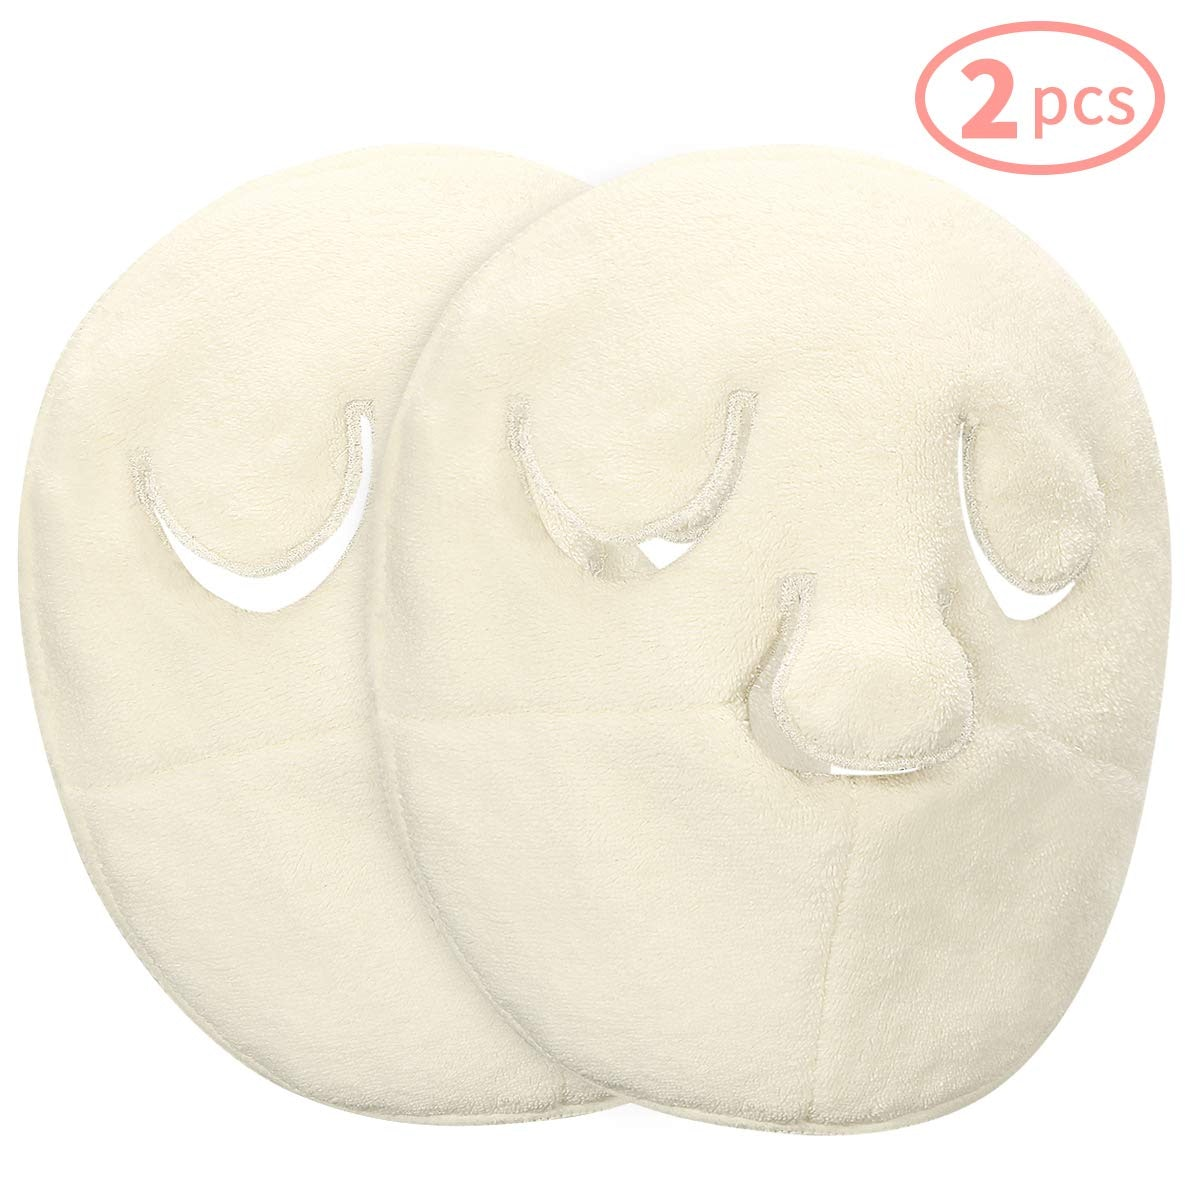 ProCIV Reusable Face Towel Masks (2-Pack)